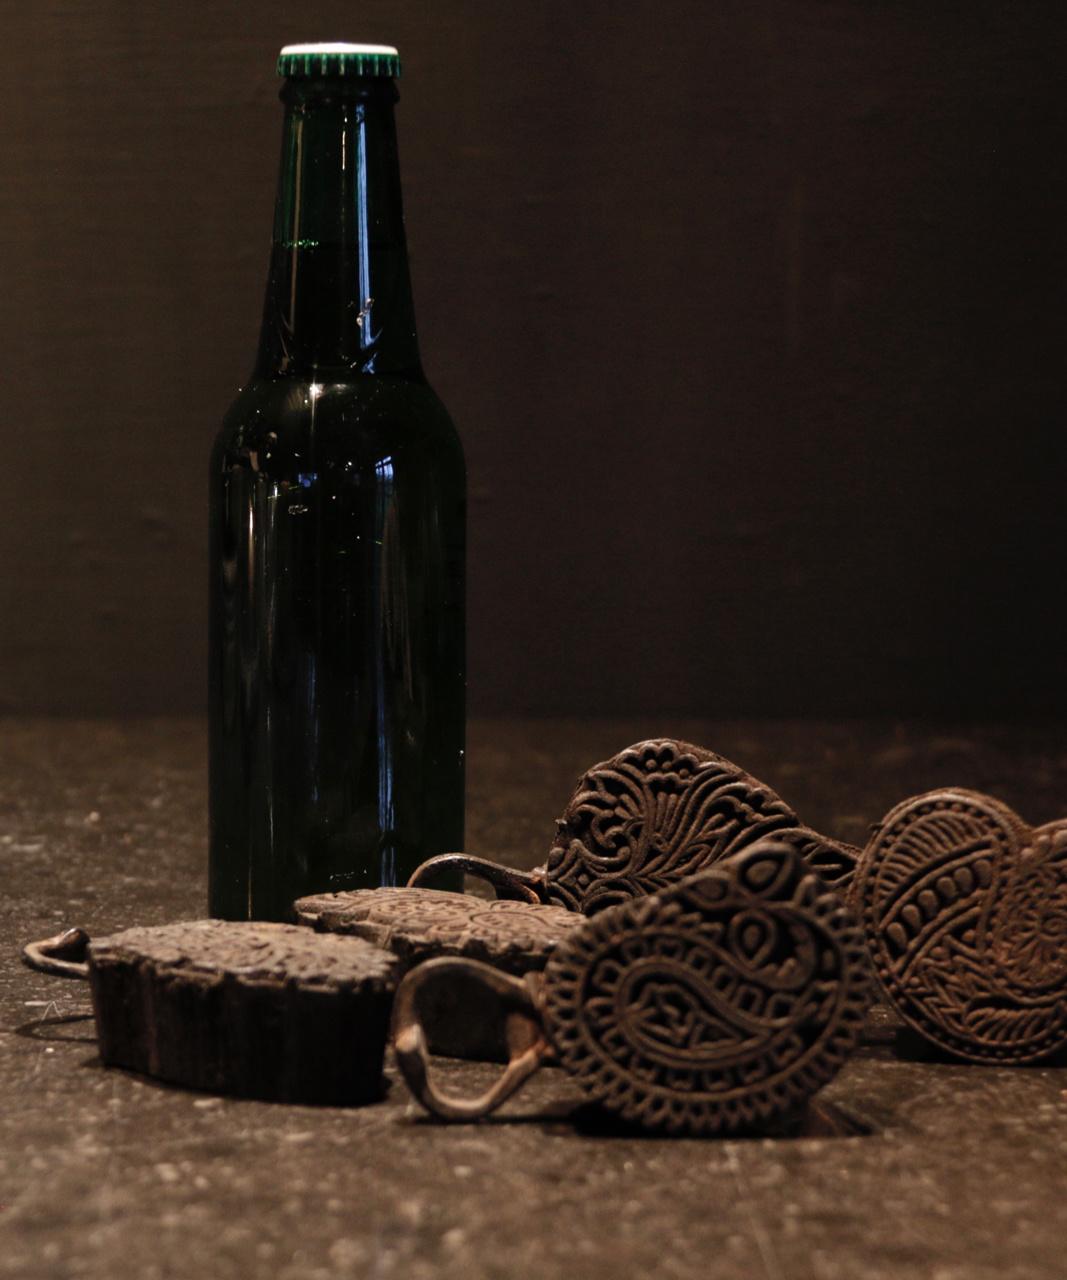 Flaschenöffner hergestellt vom alten Batikstempel-3